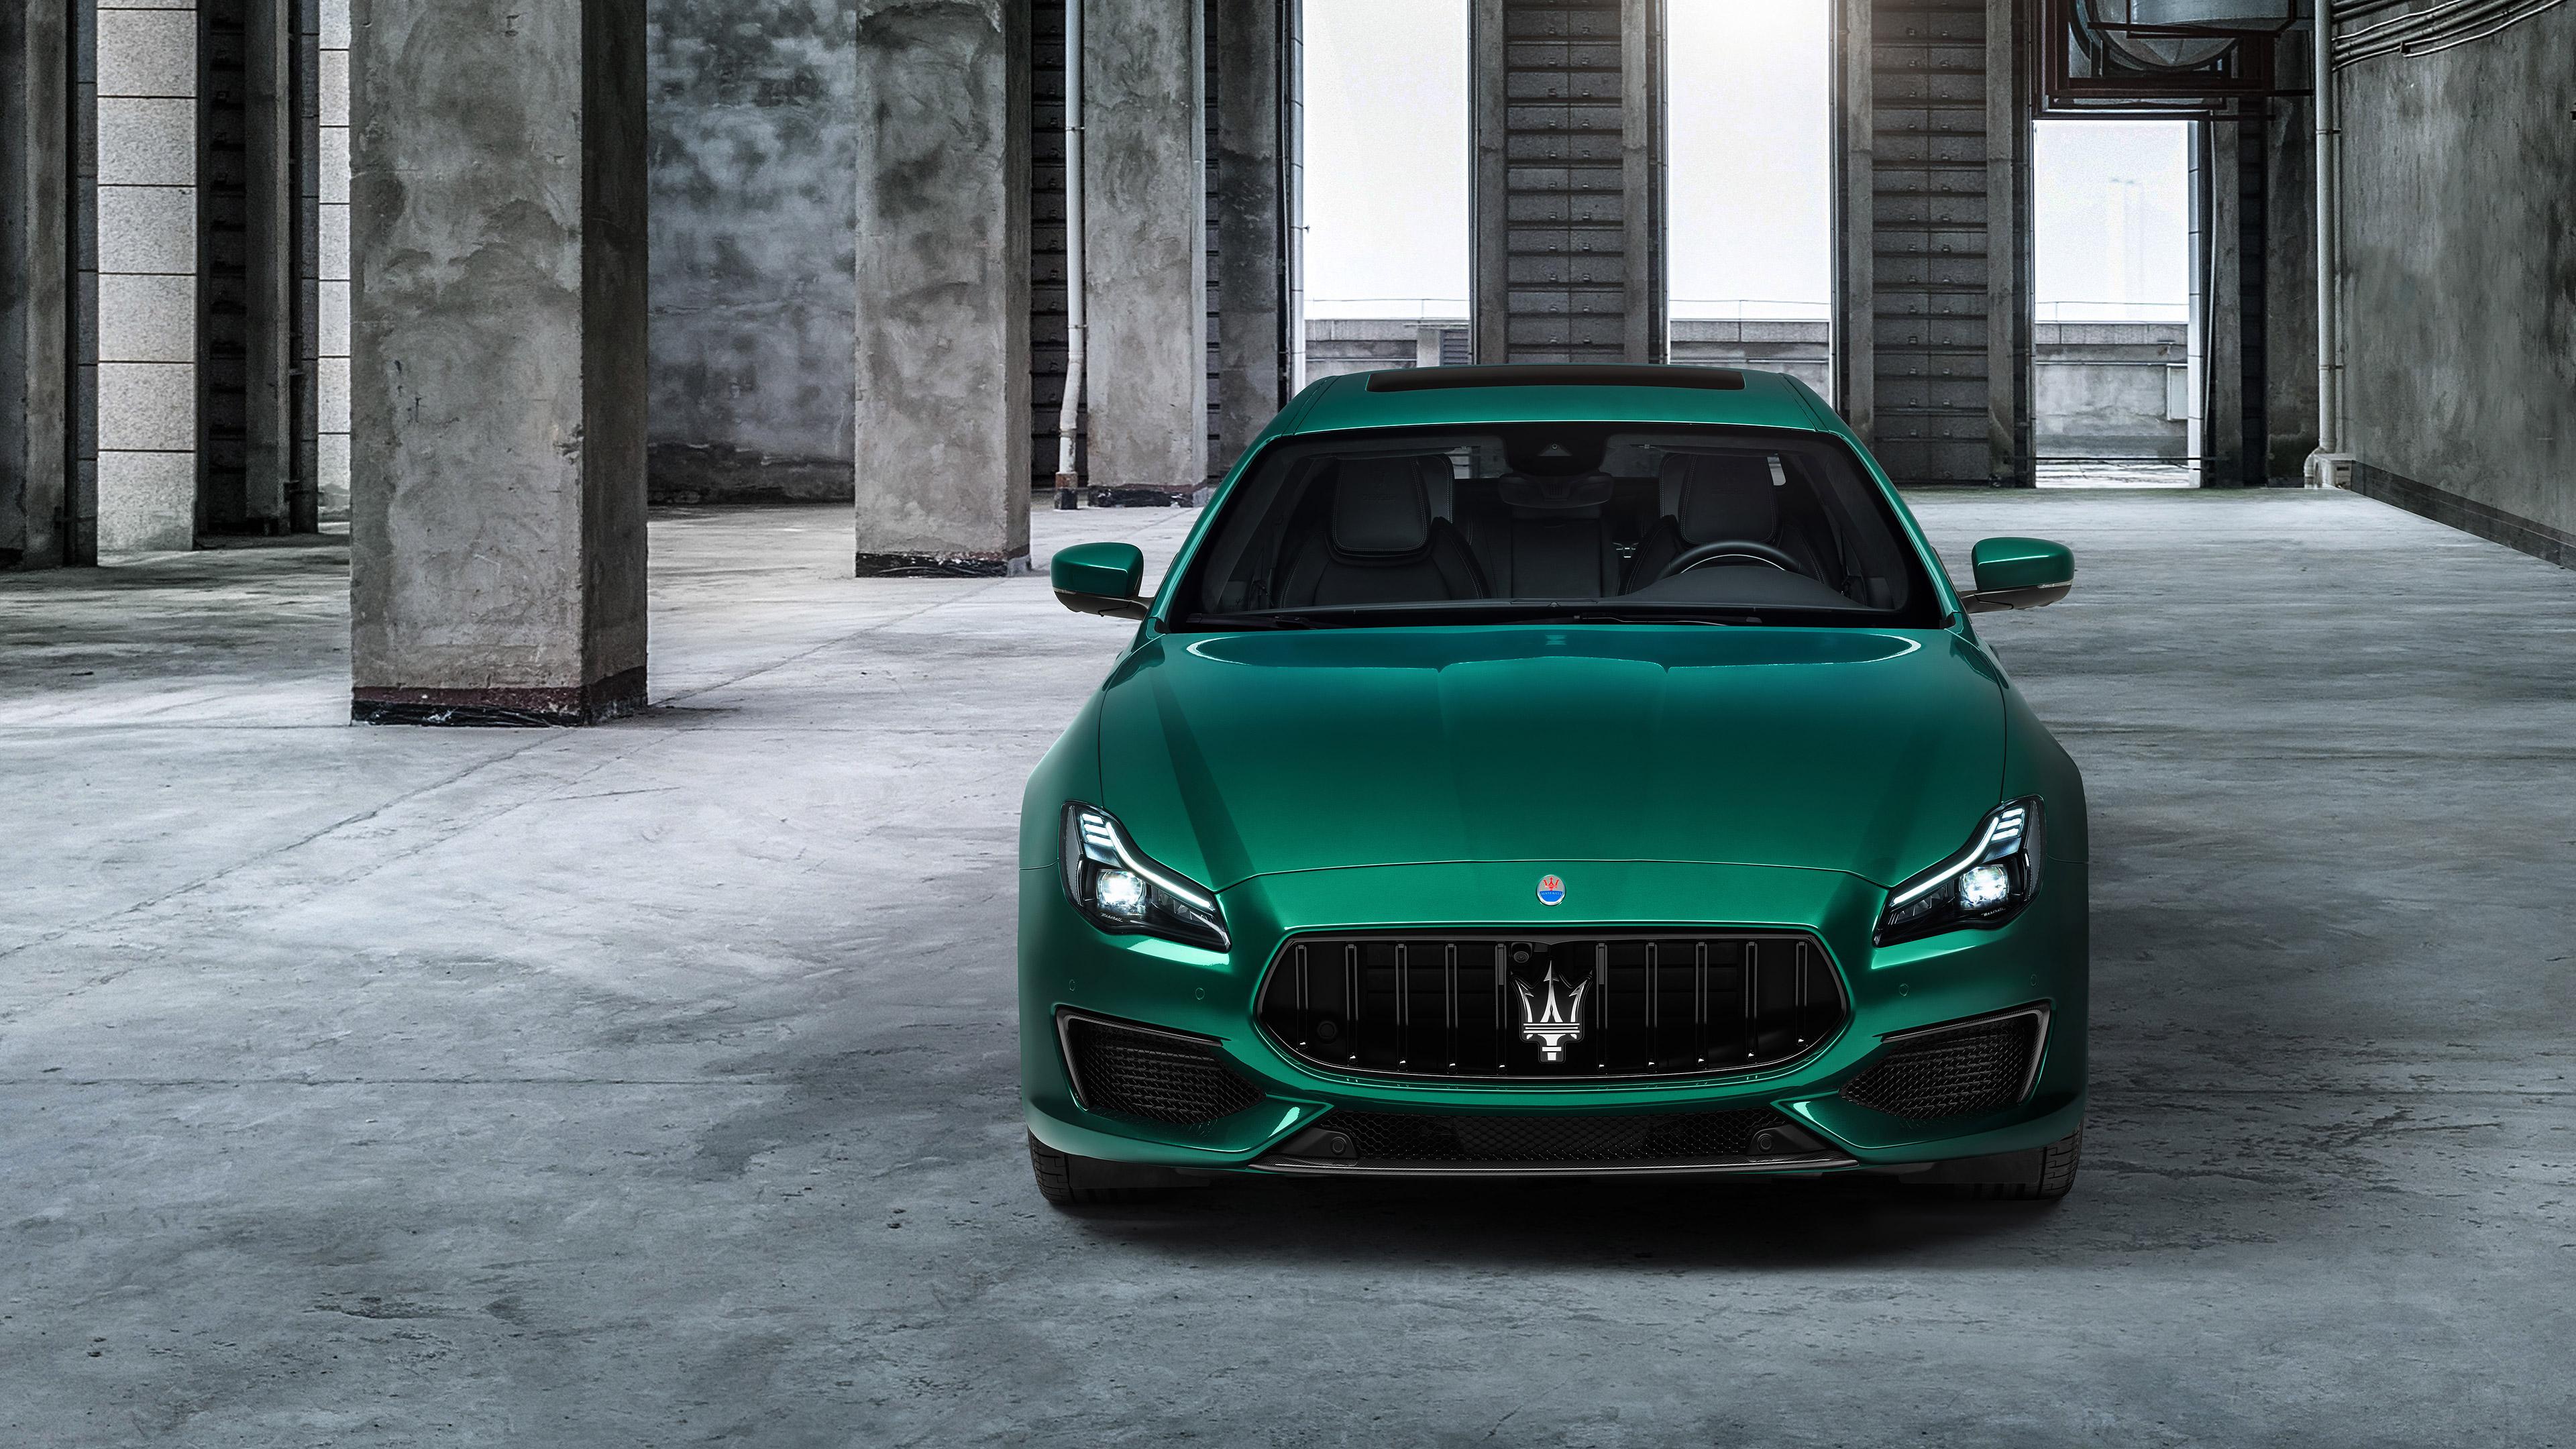 2021 Maserati Quattroporte Trofeo 3.8 V8 Twin Turbo 4k Ultra HD Wallpaper | Background Image ...